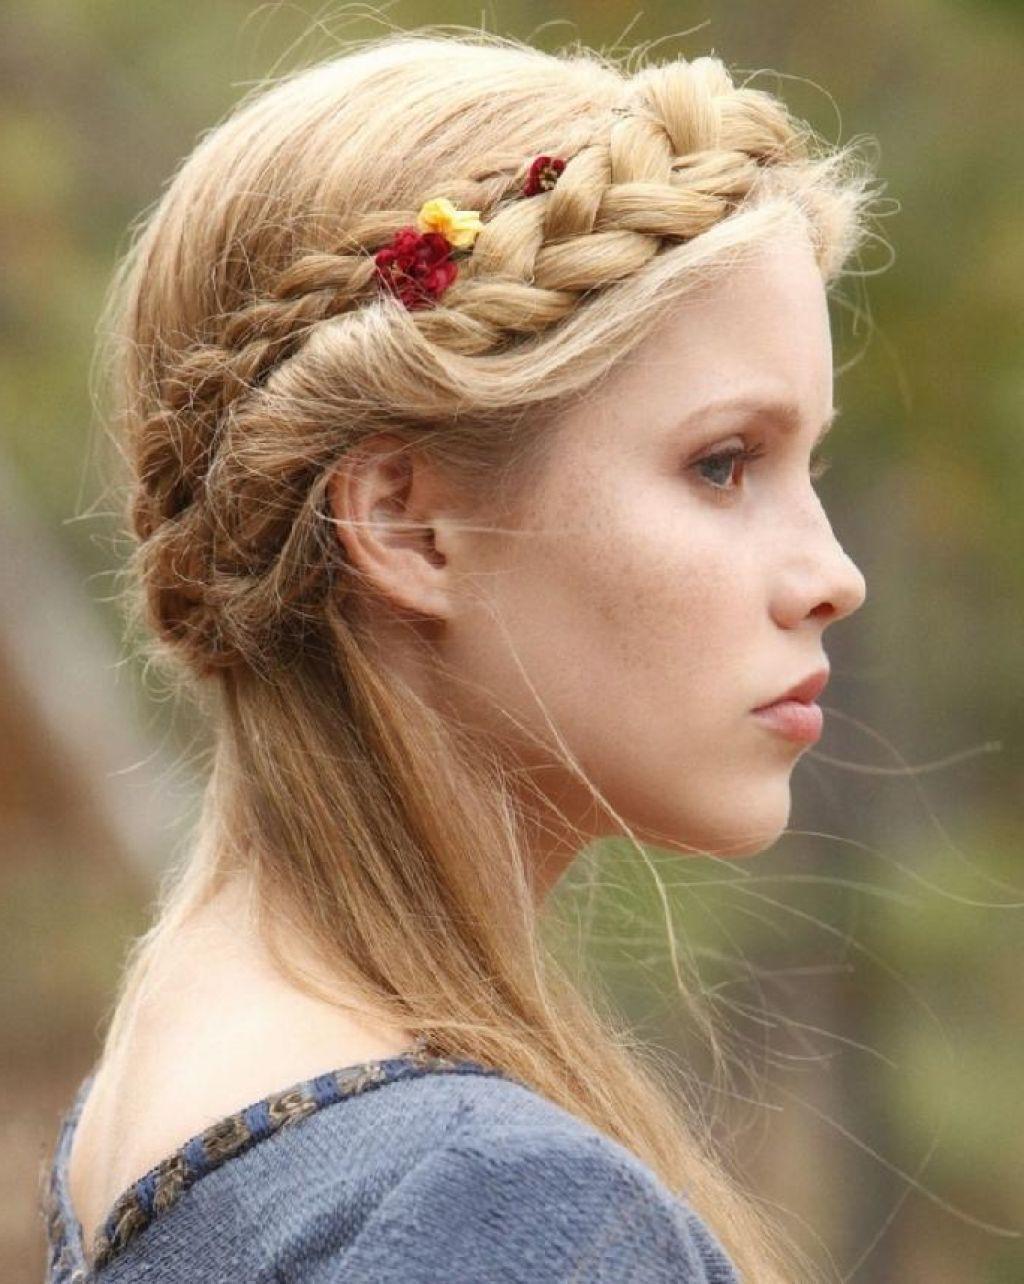 Medium Braided Hairstyles  Cute braids for medium hair Hairstyle for women & man